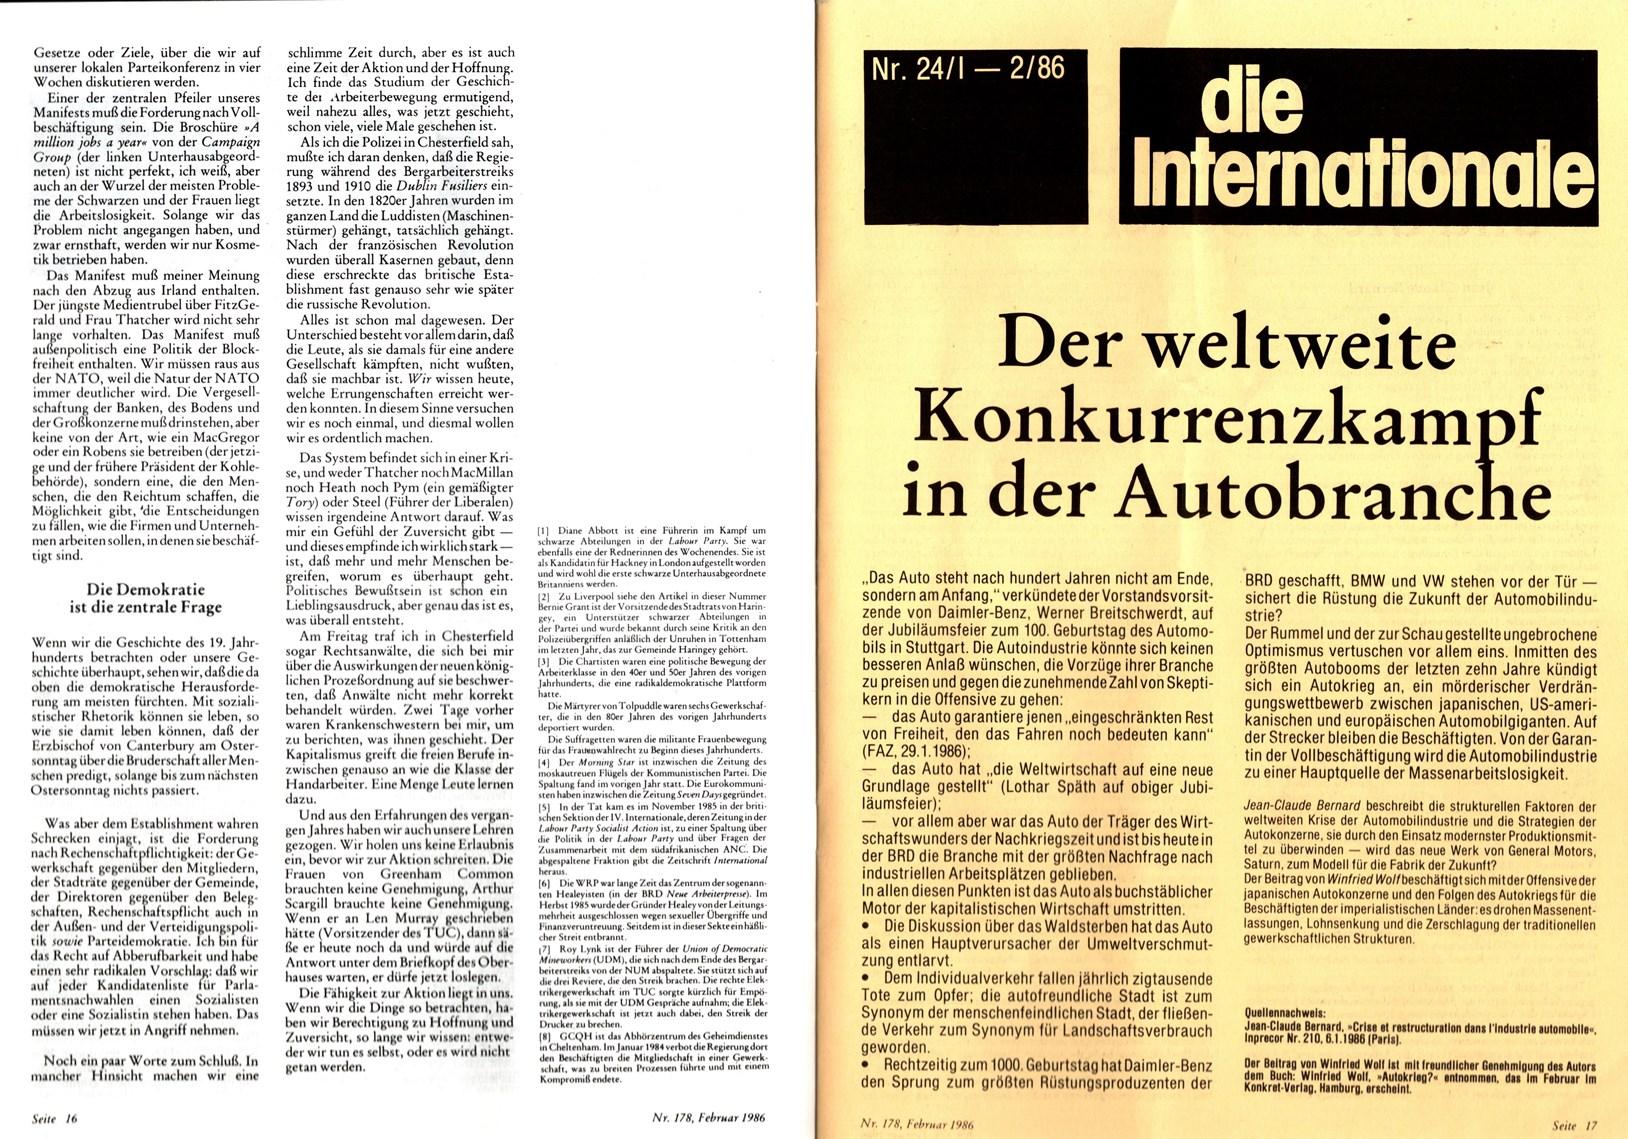 Inprekorr_19860200_178_009